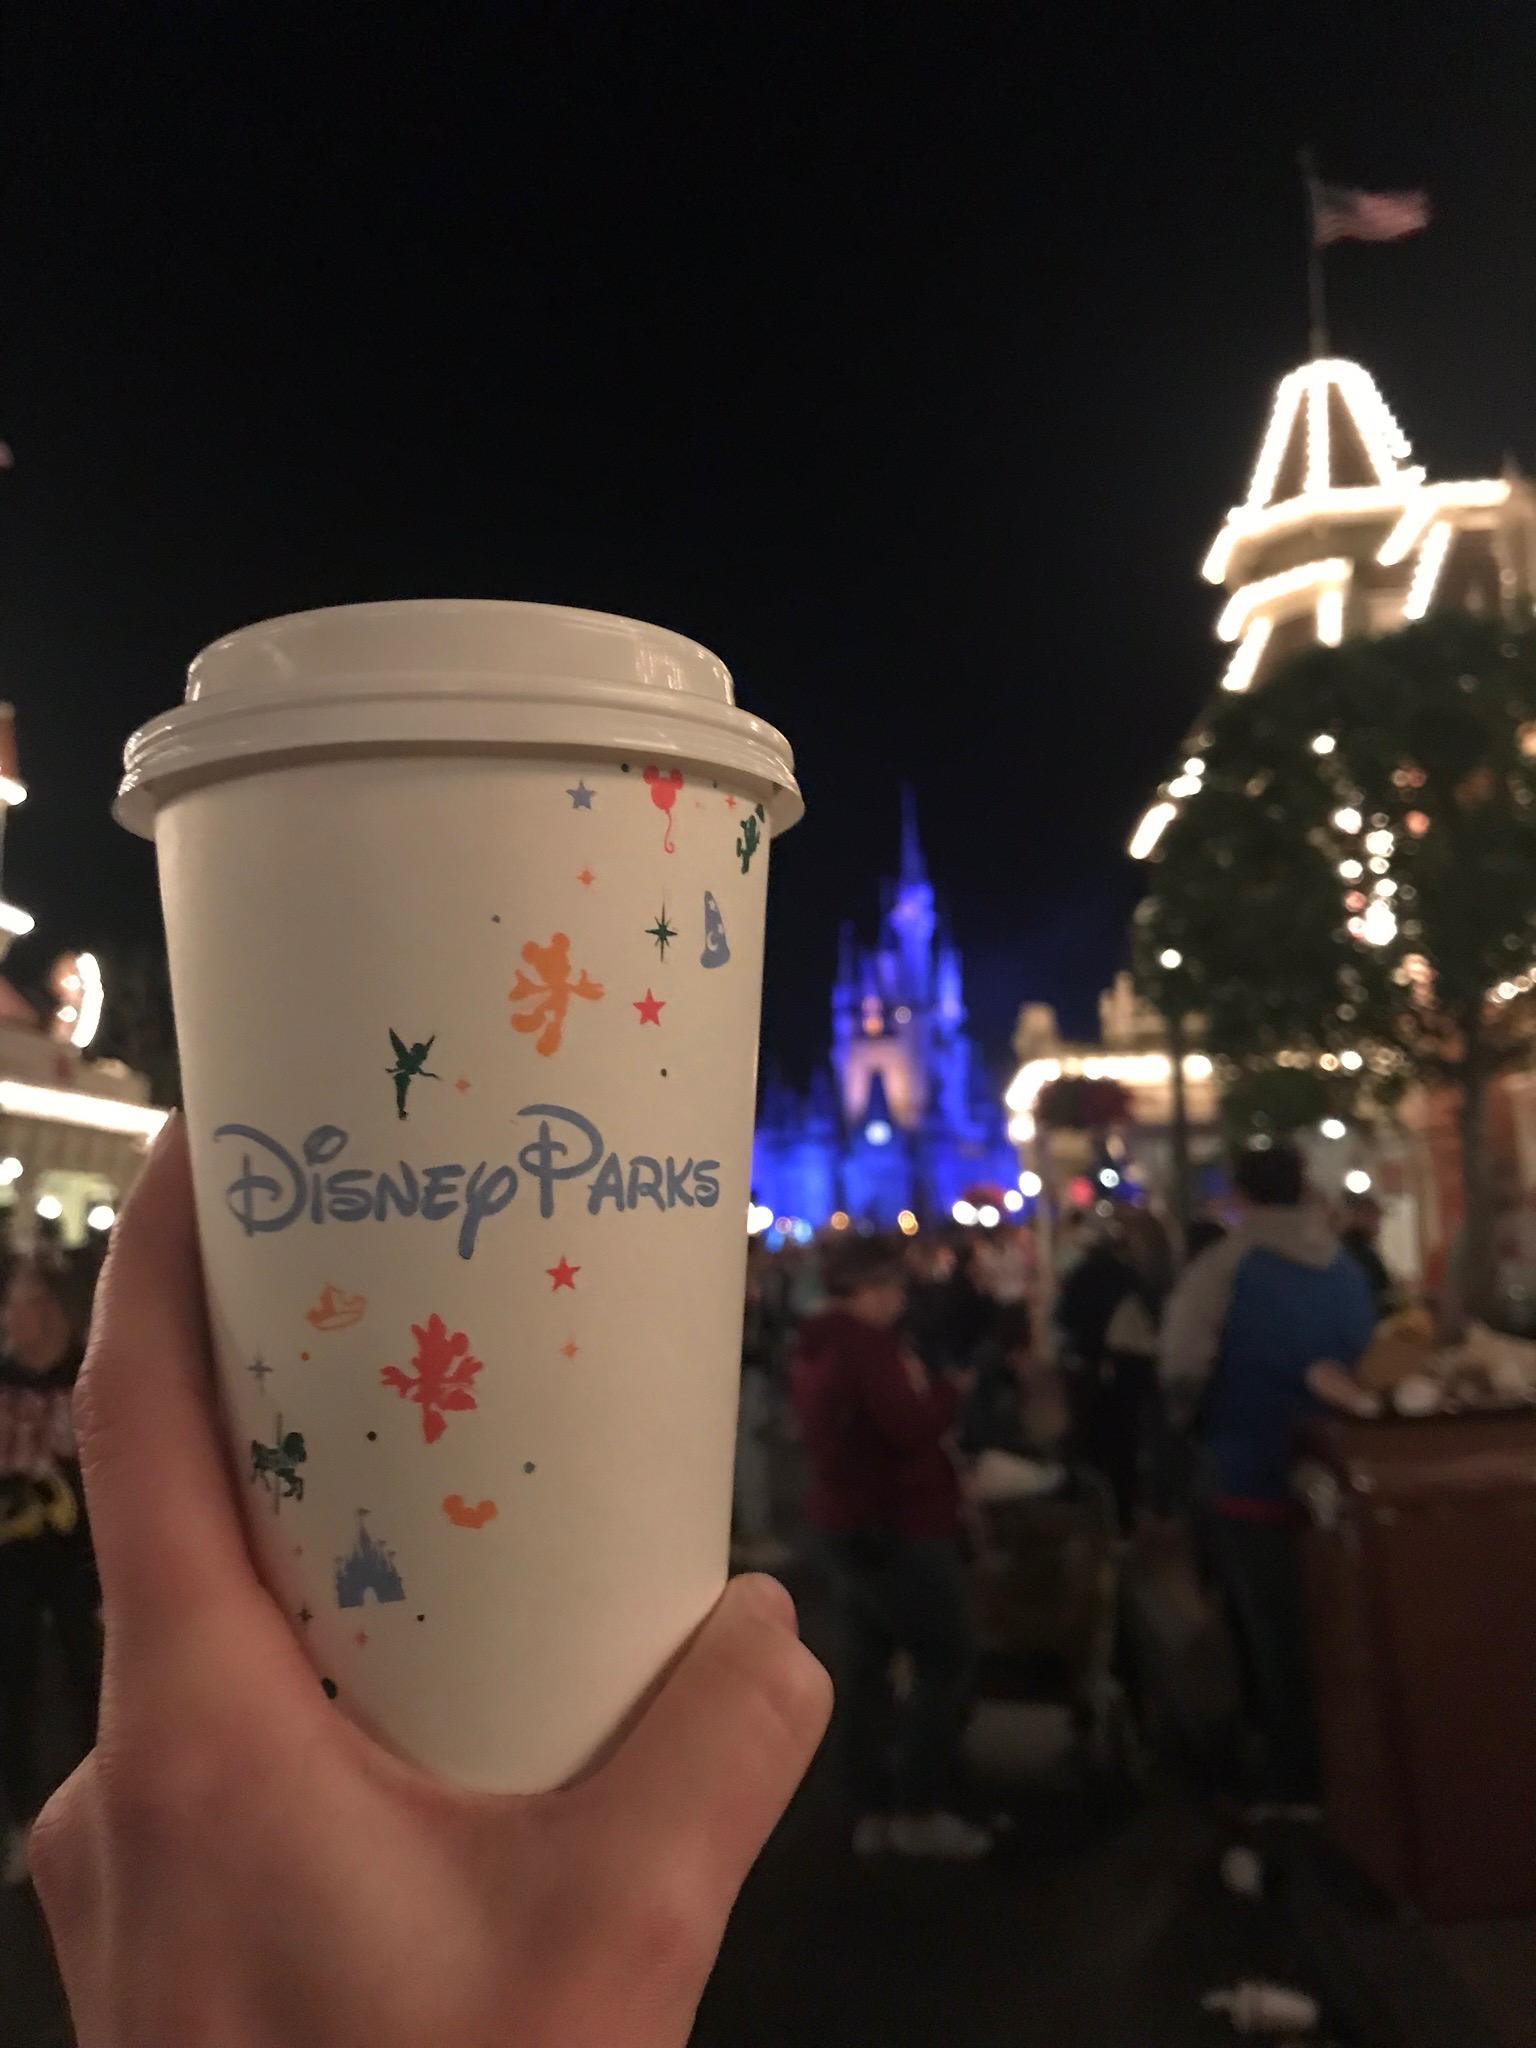 Sooooo we got her coffee.